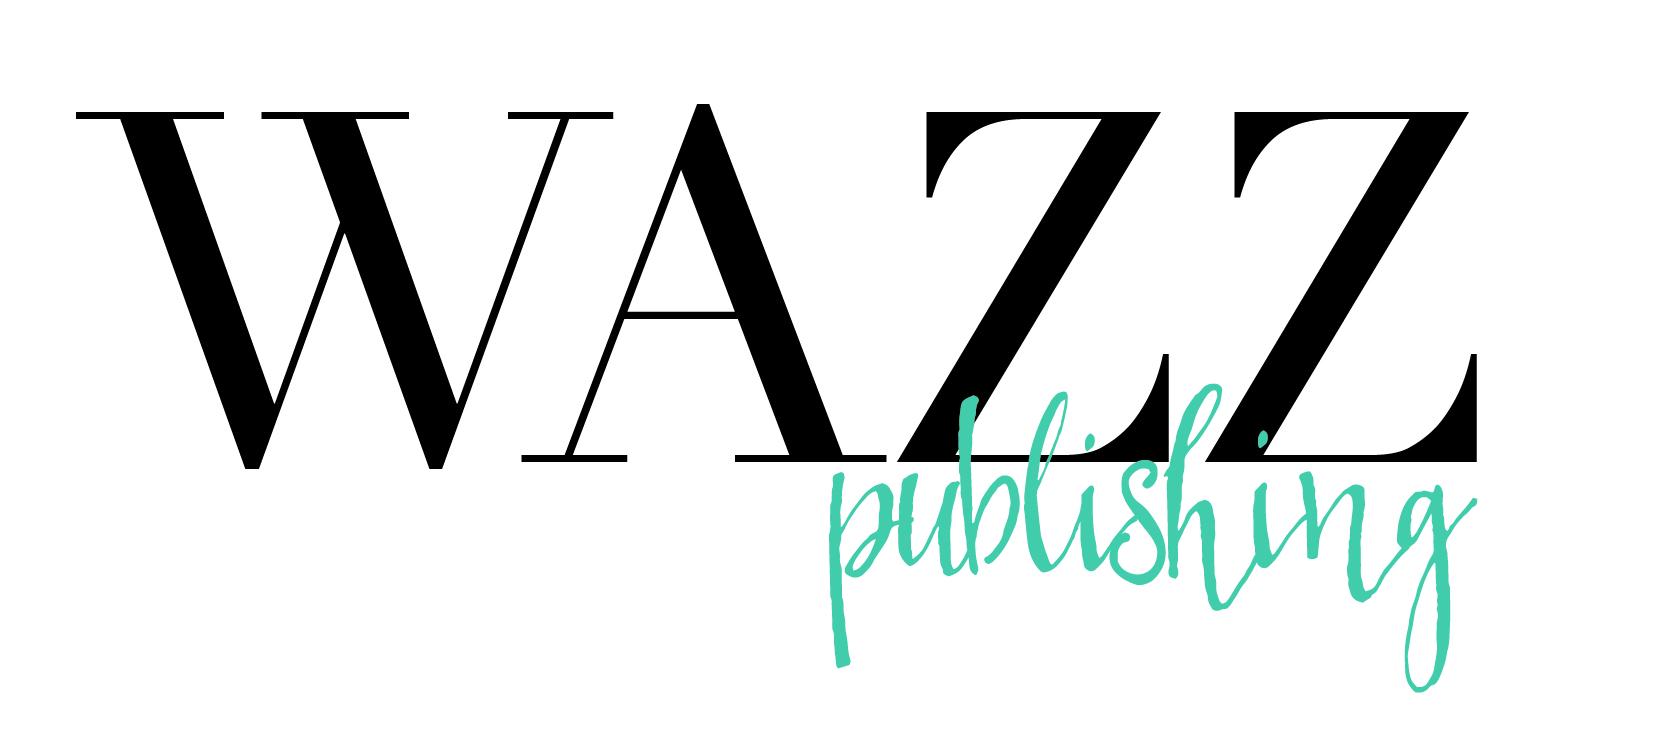 Wazz Publishing